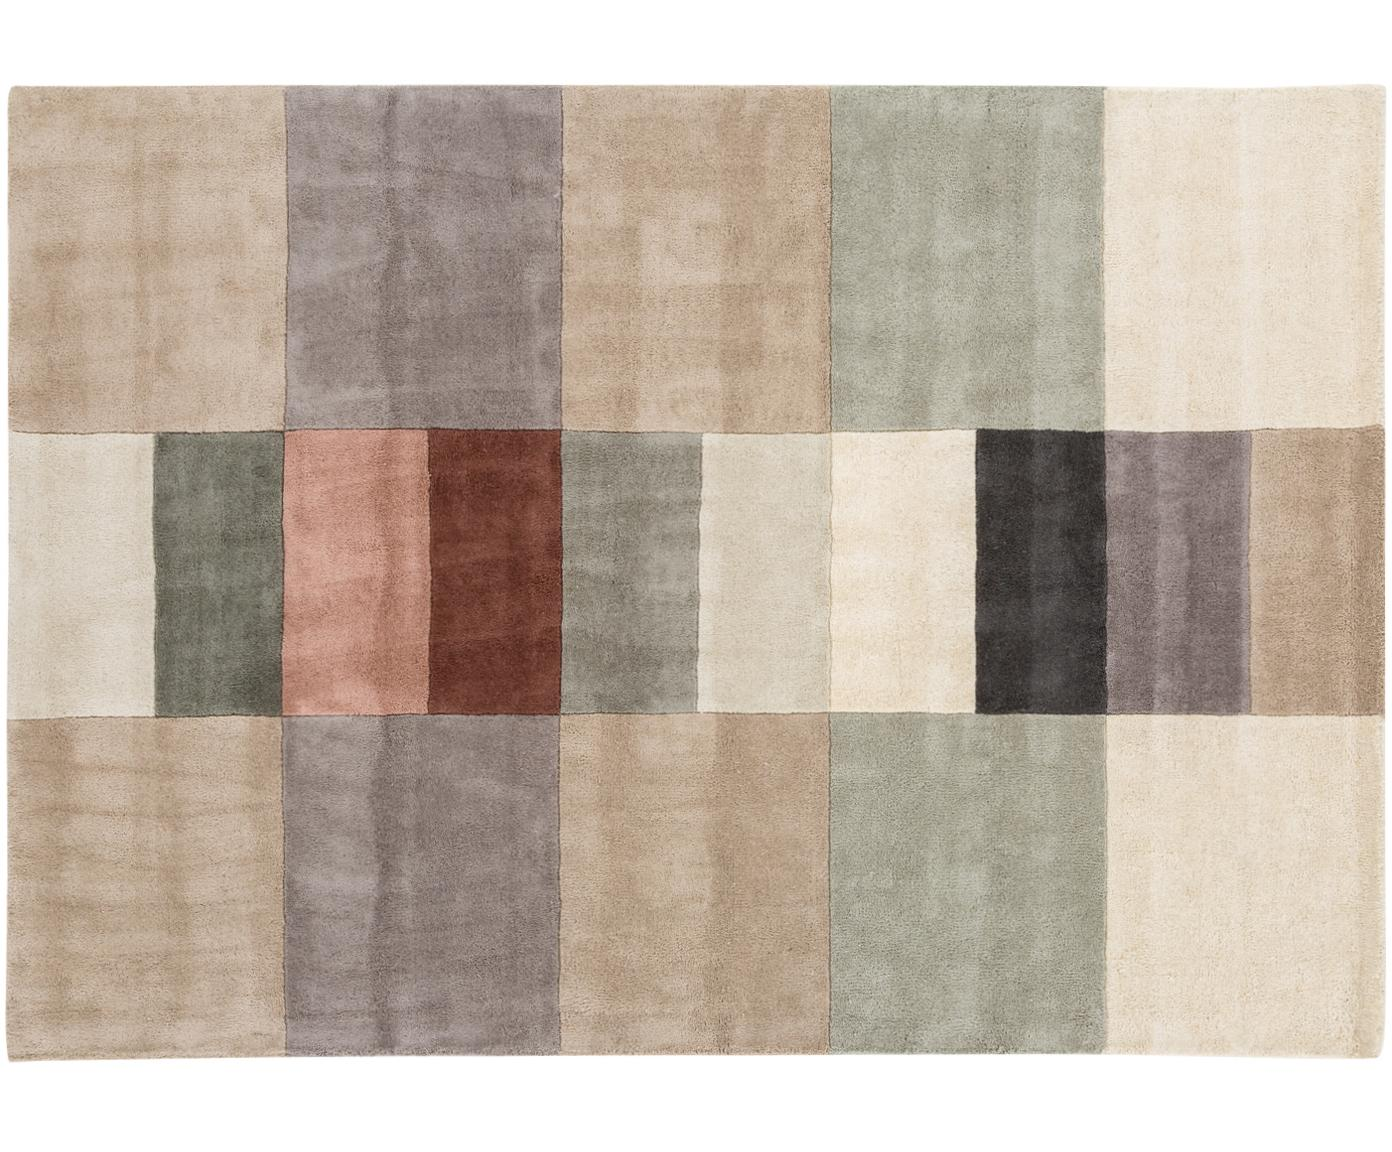 Tappeto in lana taftato a mano  Impilati, Vello: lana, Retro: cotone, Crema, multicolore, Lung. 240 x Larg. 170 cm